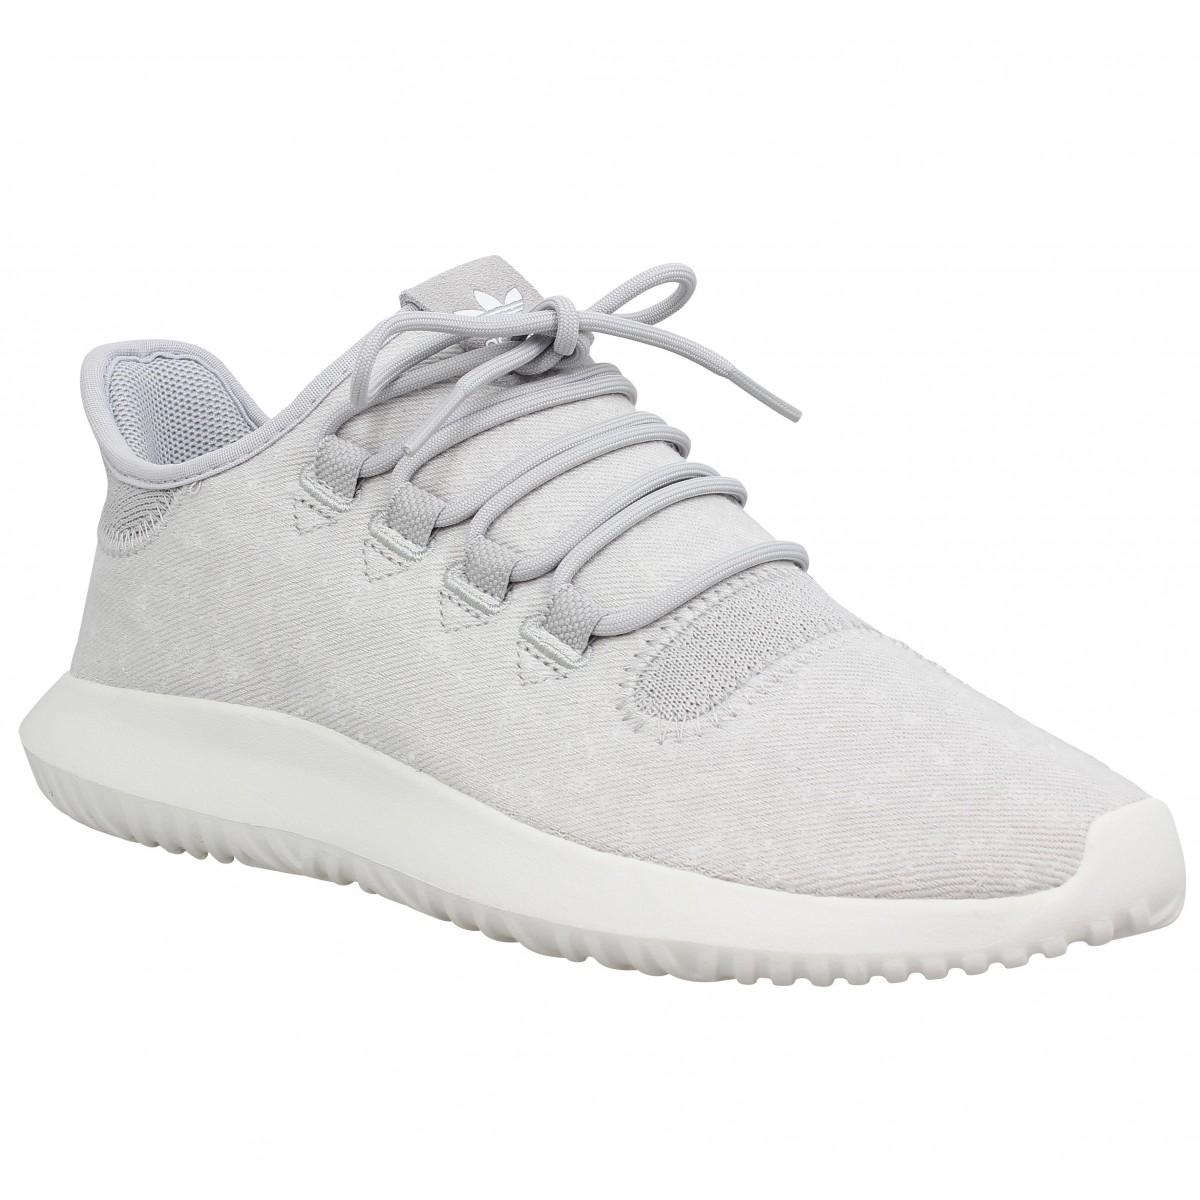 1e52d543c98 Avis En Ligne Homme Adidas Chaussure qHUPXH